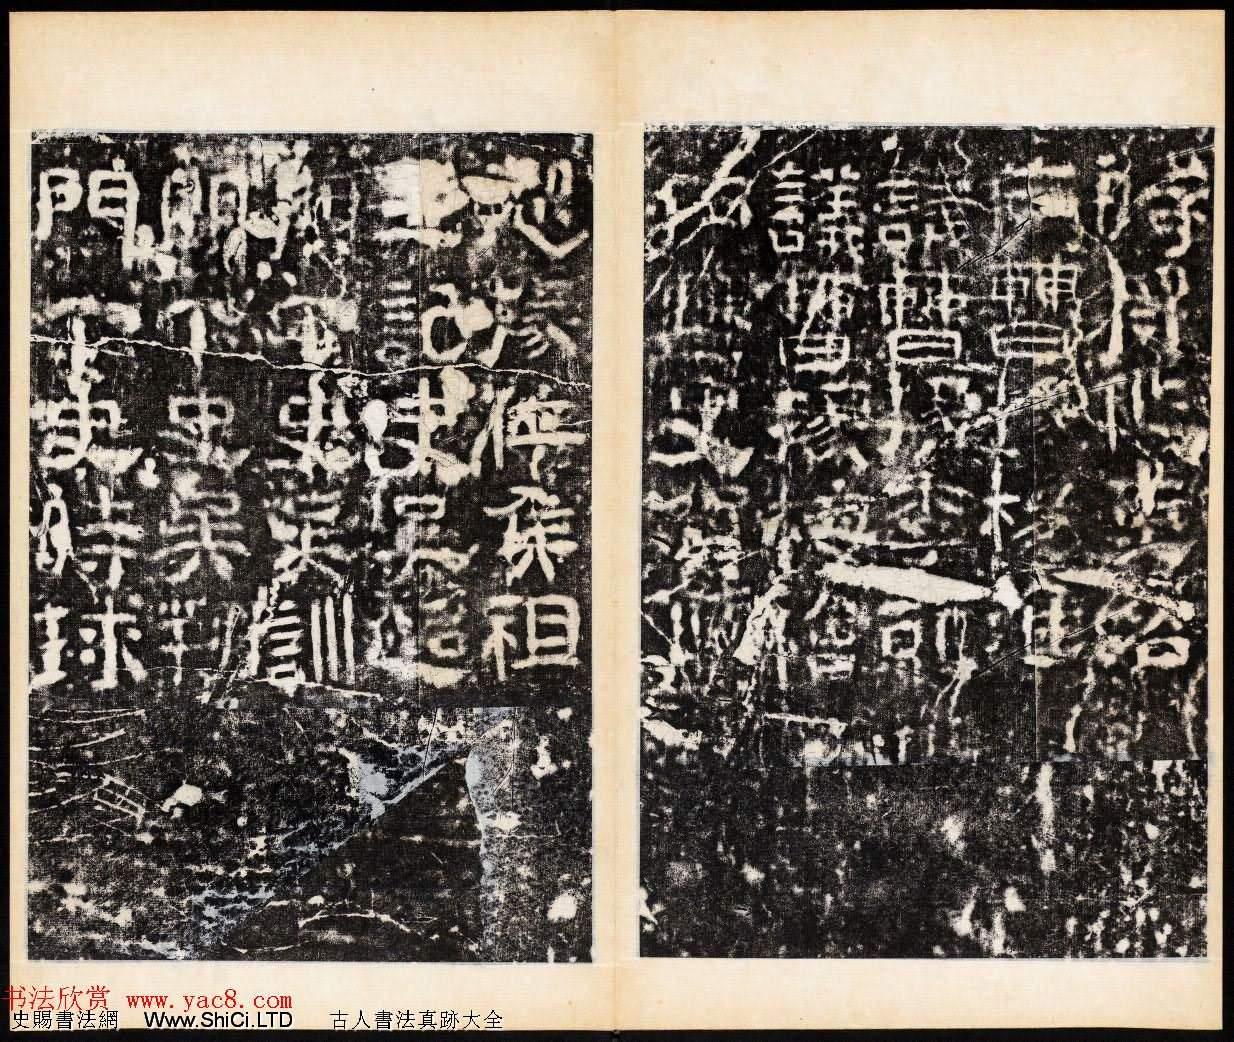 東漢隸書石刻《校官潘干碑》